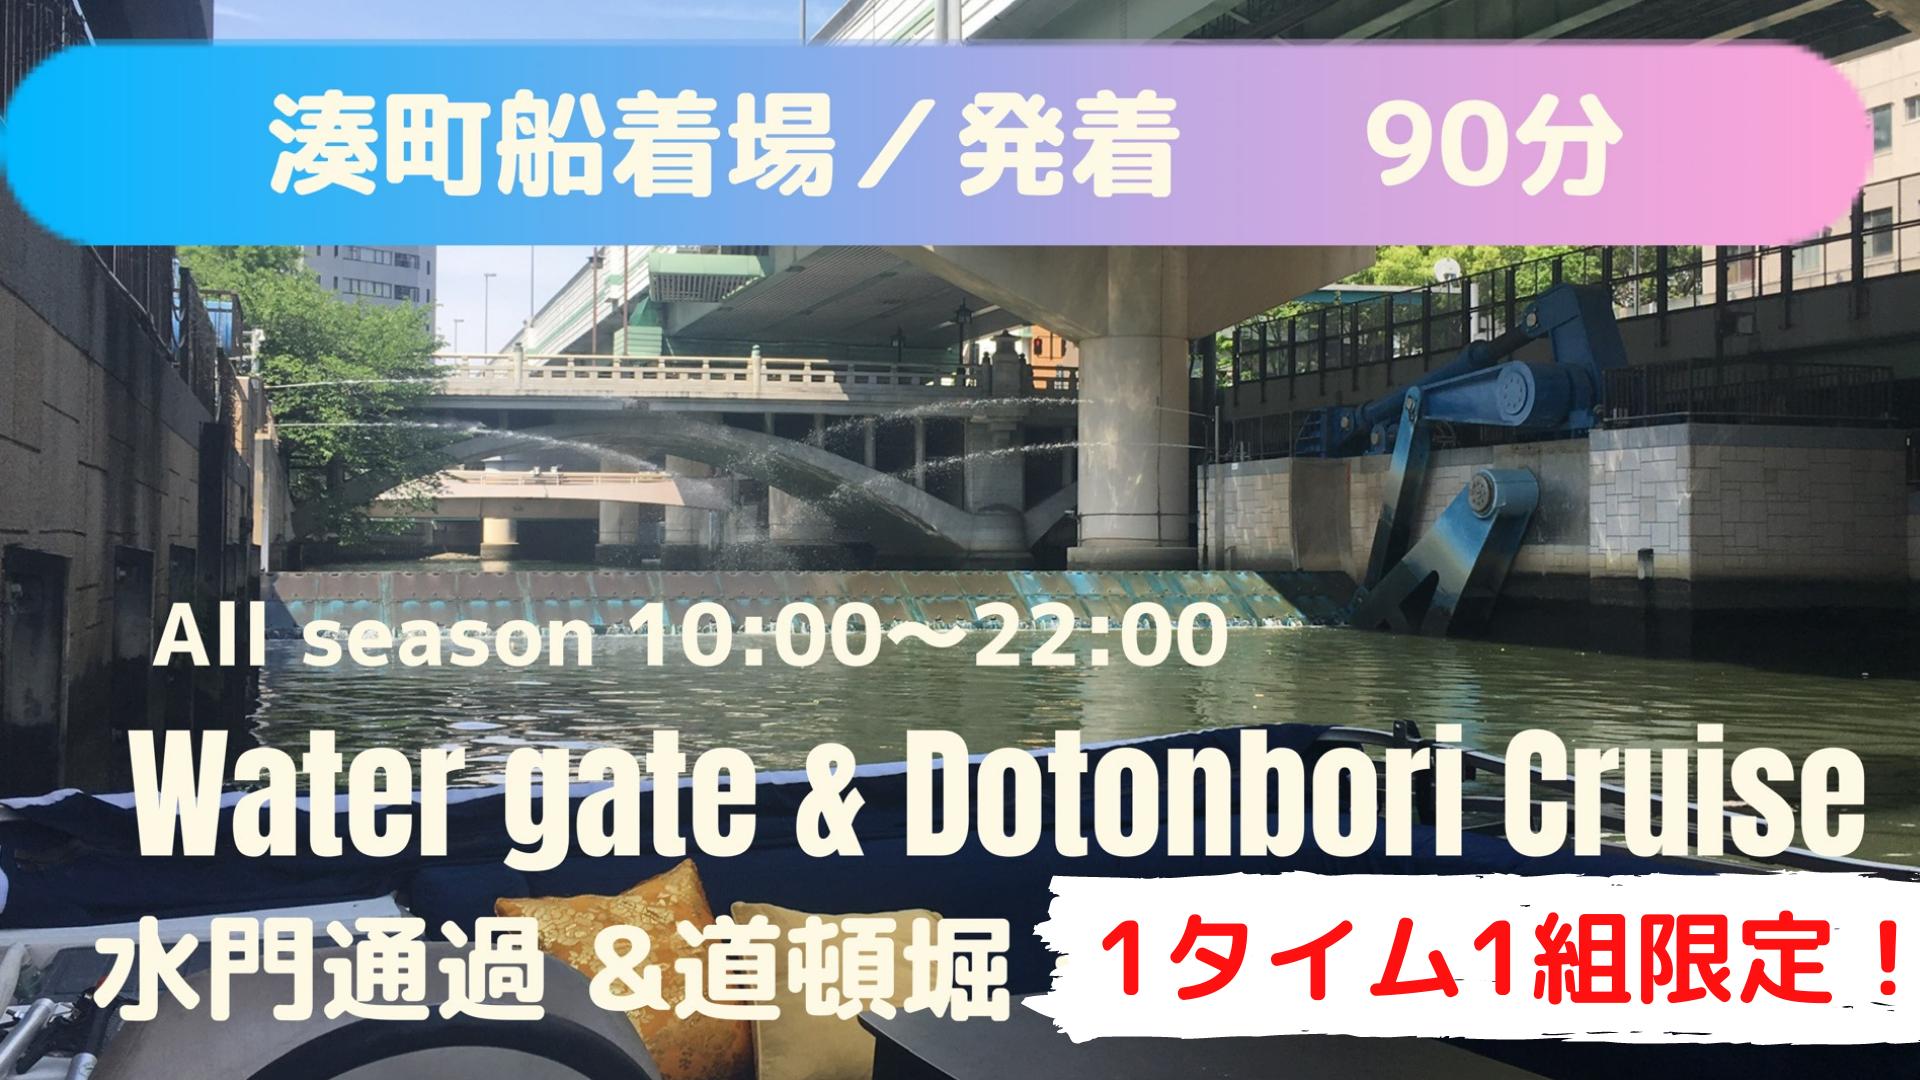 ☆道頓堀&水門通過90分コース(1タイム1組限定)